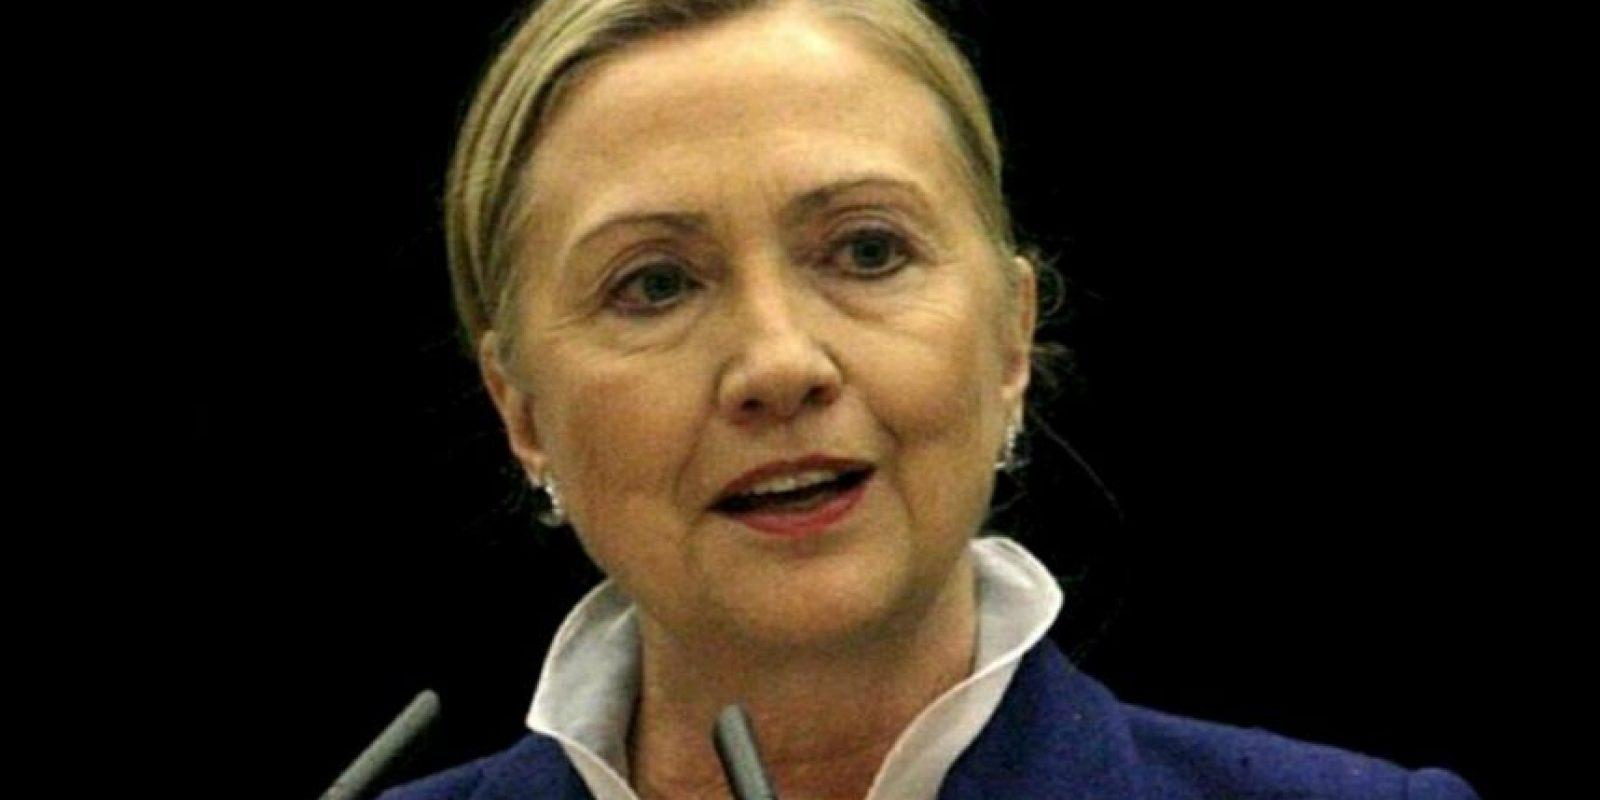 En la imagen un registro de la secretaria de Estado de EE.UU., Hillary Clinton, quien fue ingresada al Hospital Presbiteriano de Nueva York, después de que le fuera descubierto un coágulo de sangre, según informó su portavoz, Philippe Reines. EFE/Archivo